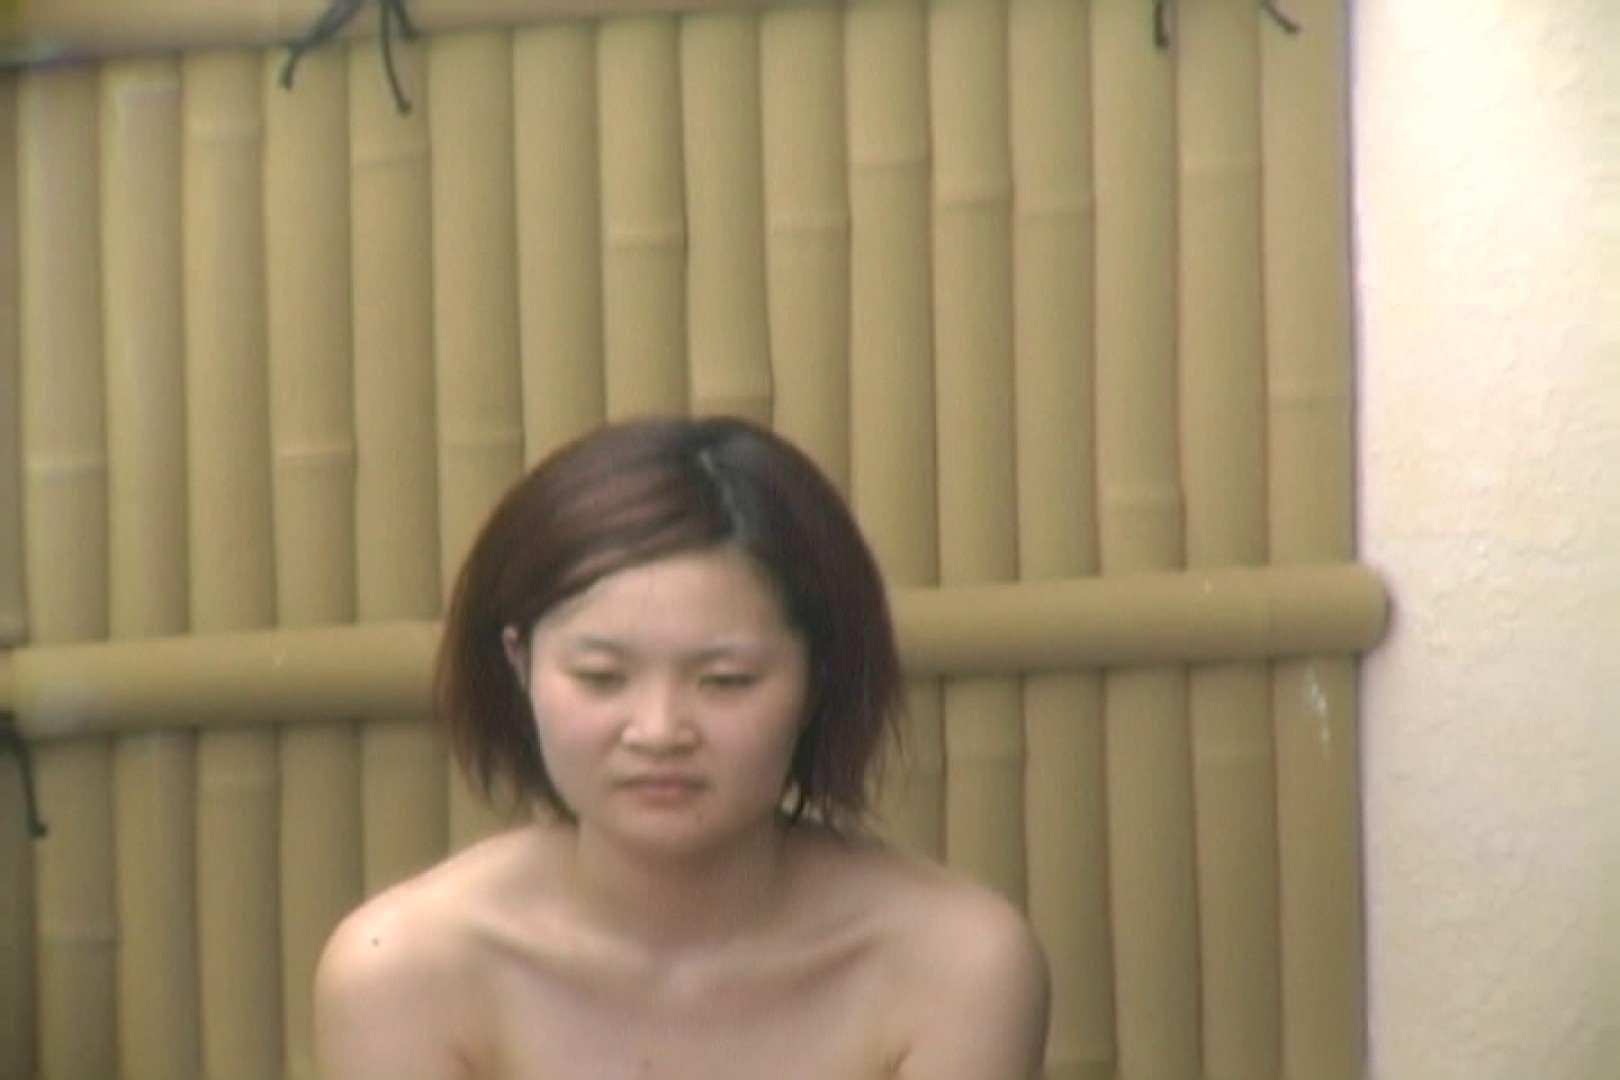 Aquaな露天風呂Vol.11【VIP】 美しいOLの裸体 | 盗撮師作品  78pic 25